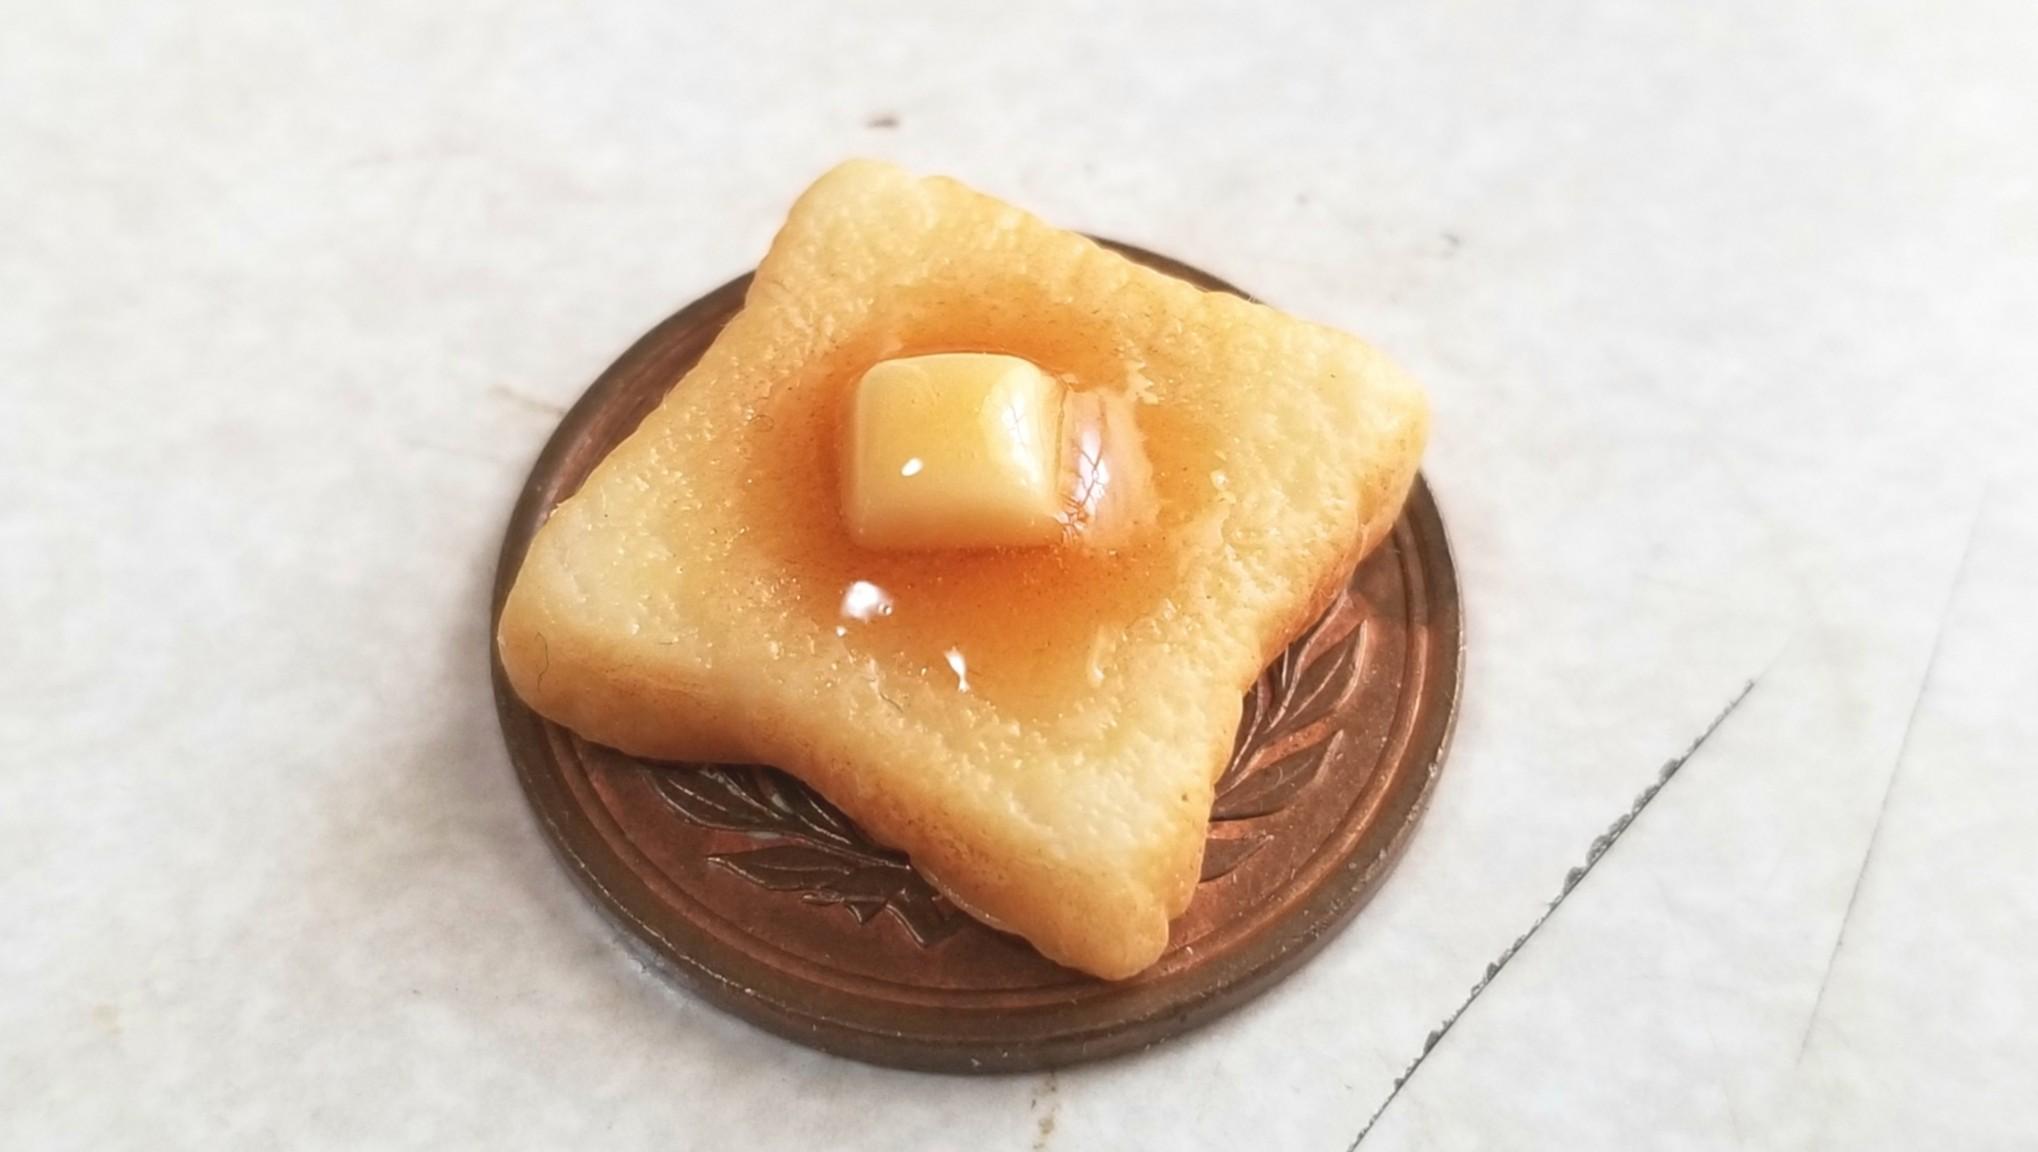 美味しそうなおいしいパン,カリカリ超熟手作りバタートースト,粘土